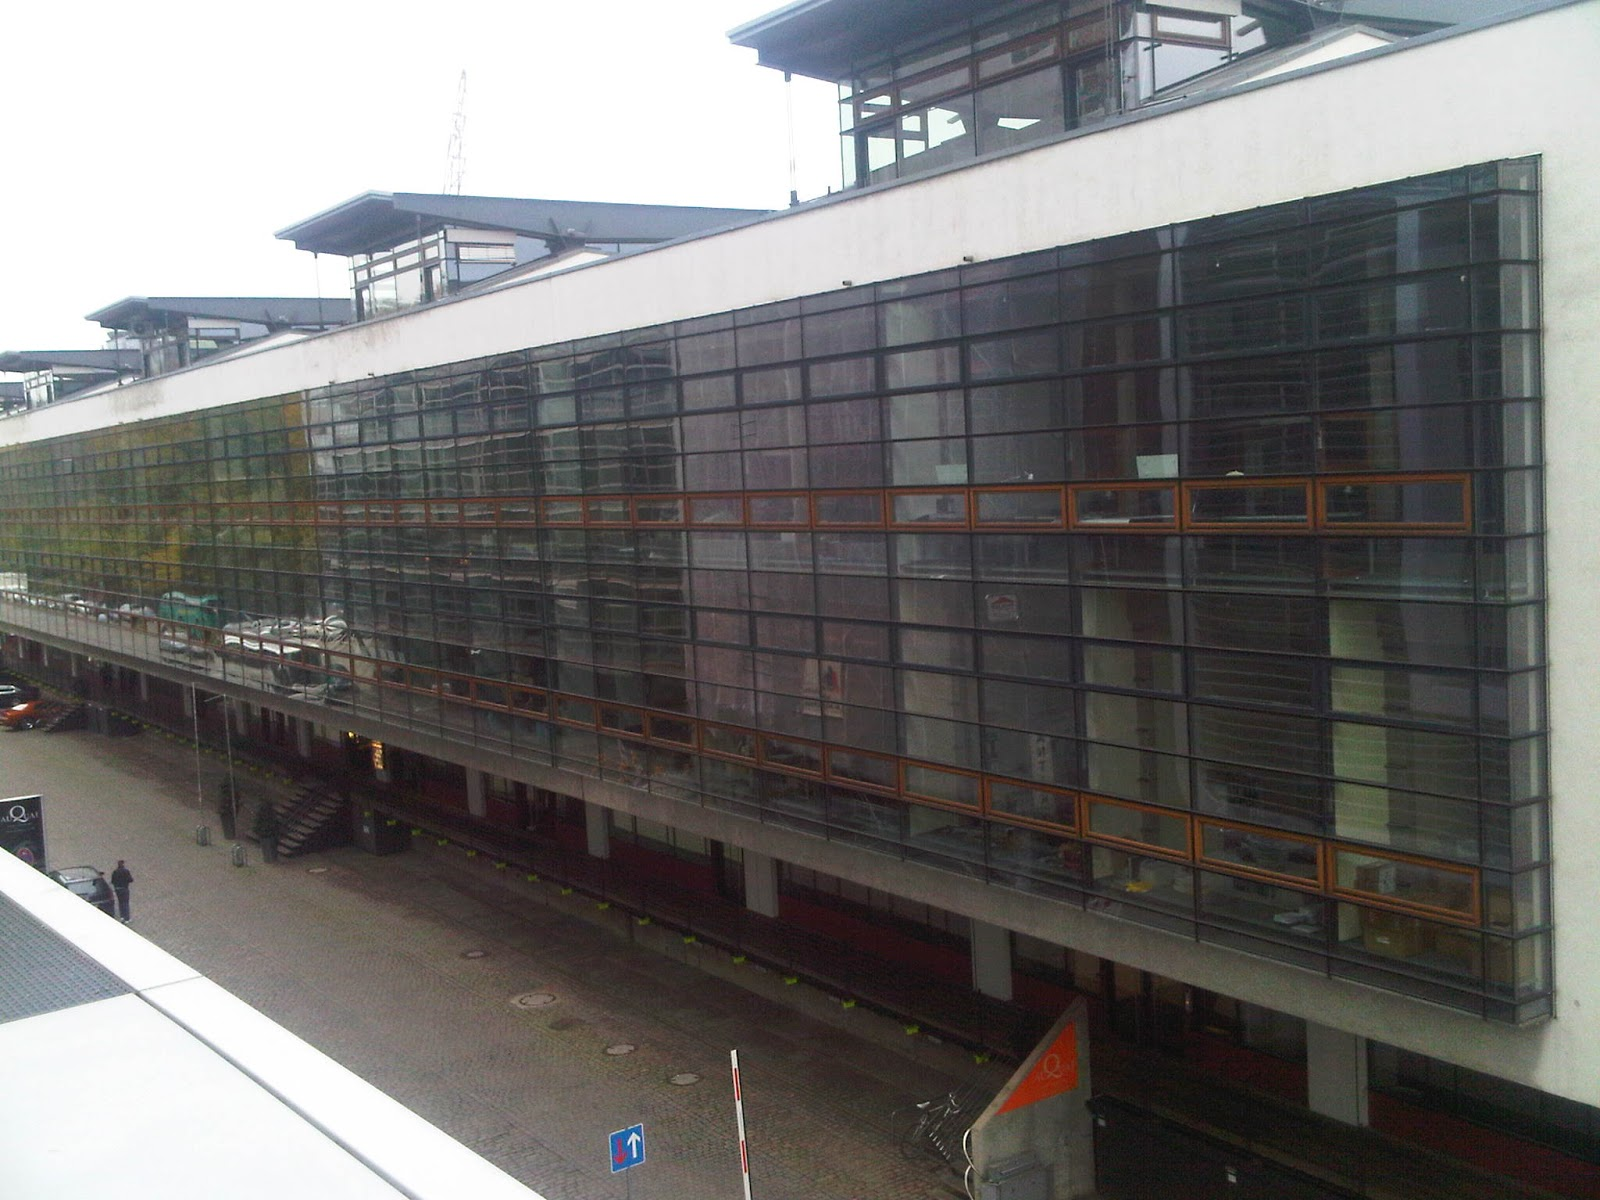 Blick rückwärts in die Große Elbstraße